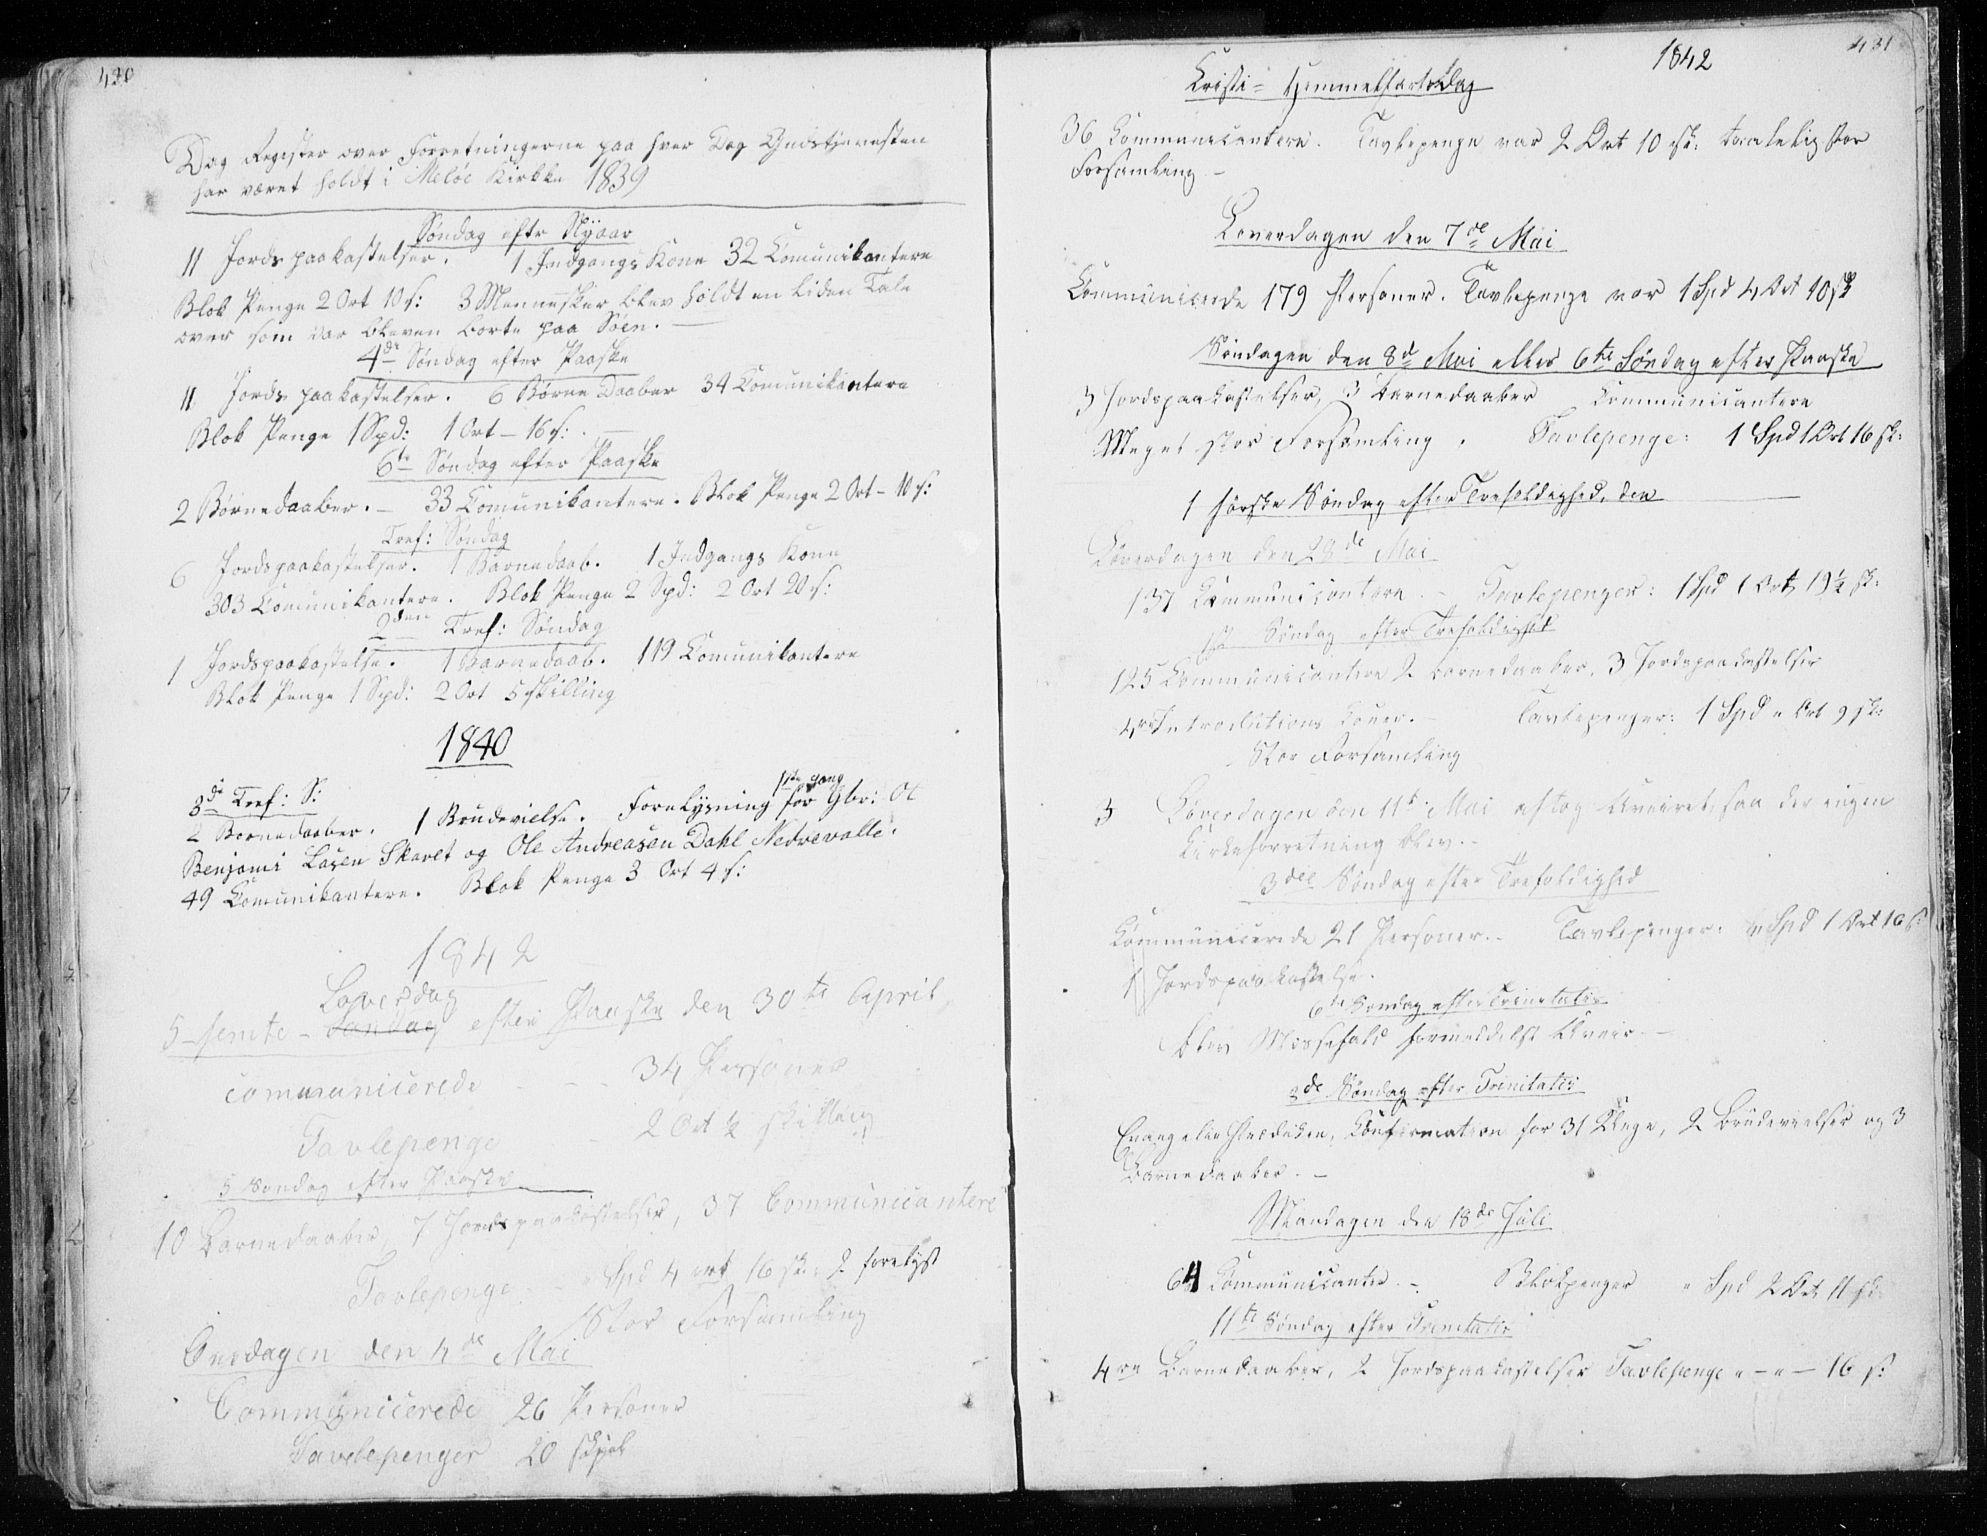 SAT, Ministerialprotokoller, klokkerbøker og fødselsregistre - Nordland, 843/L0632: Parish register (copy) no. 843C01, 1833-1853, p. 430-431